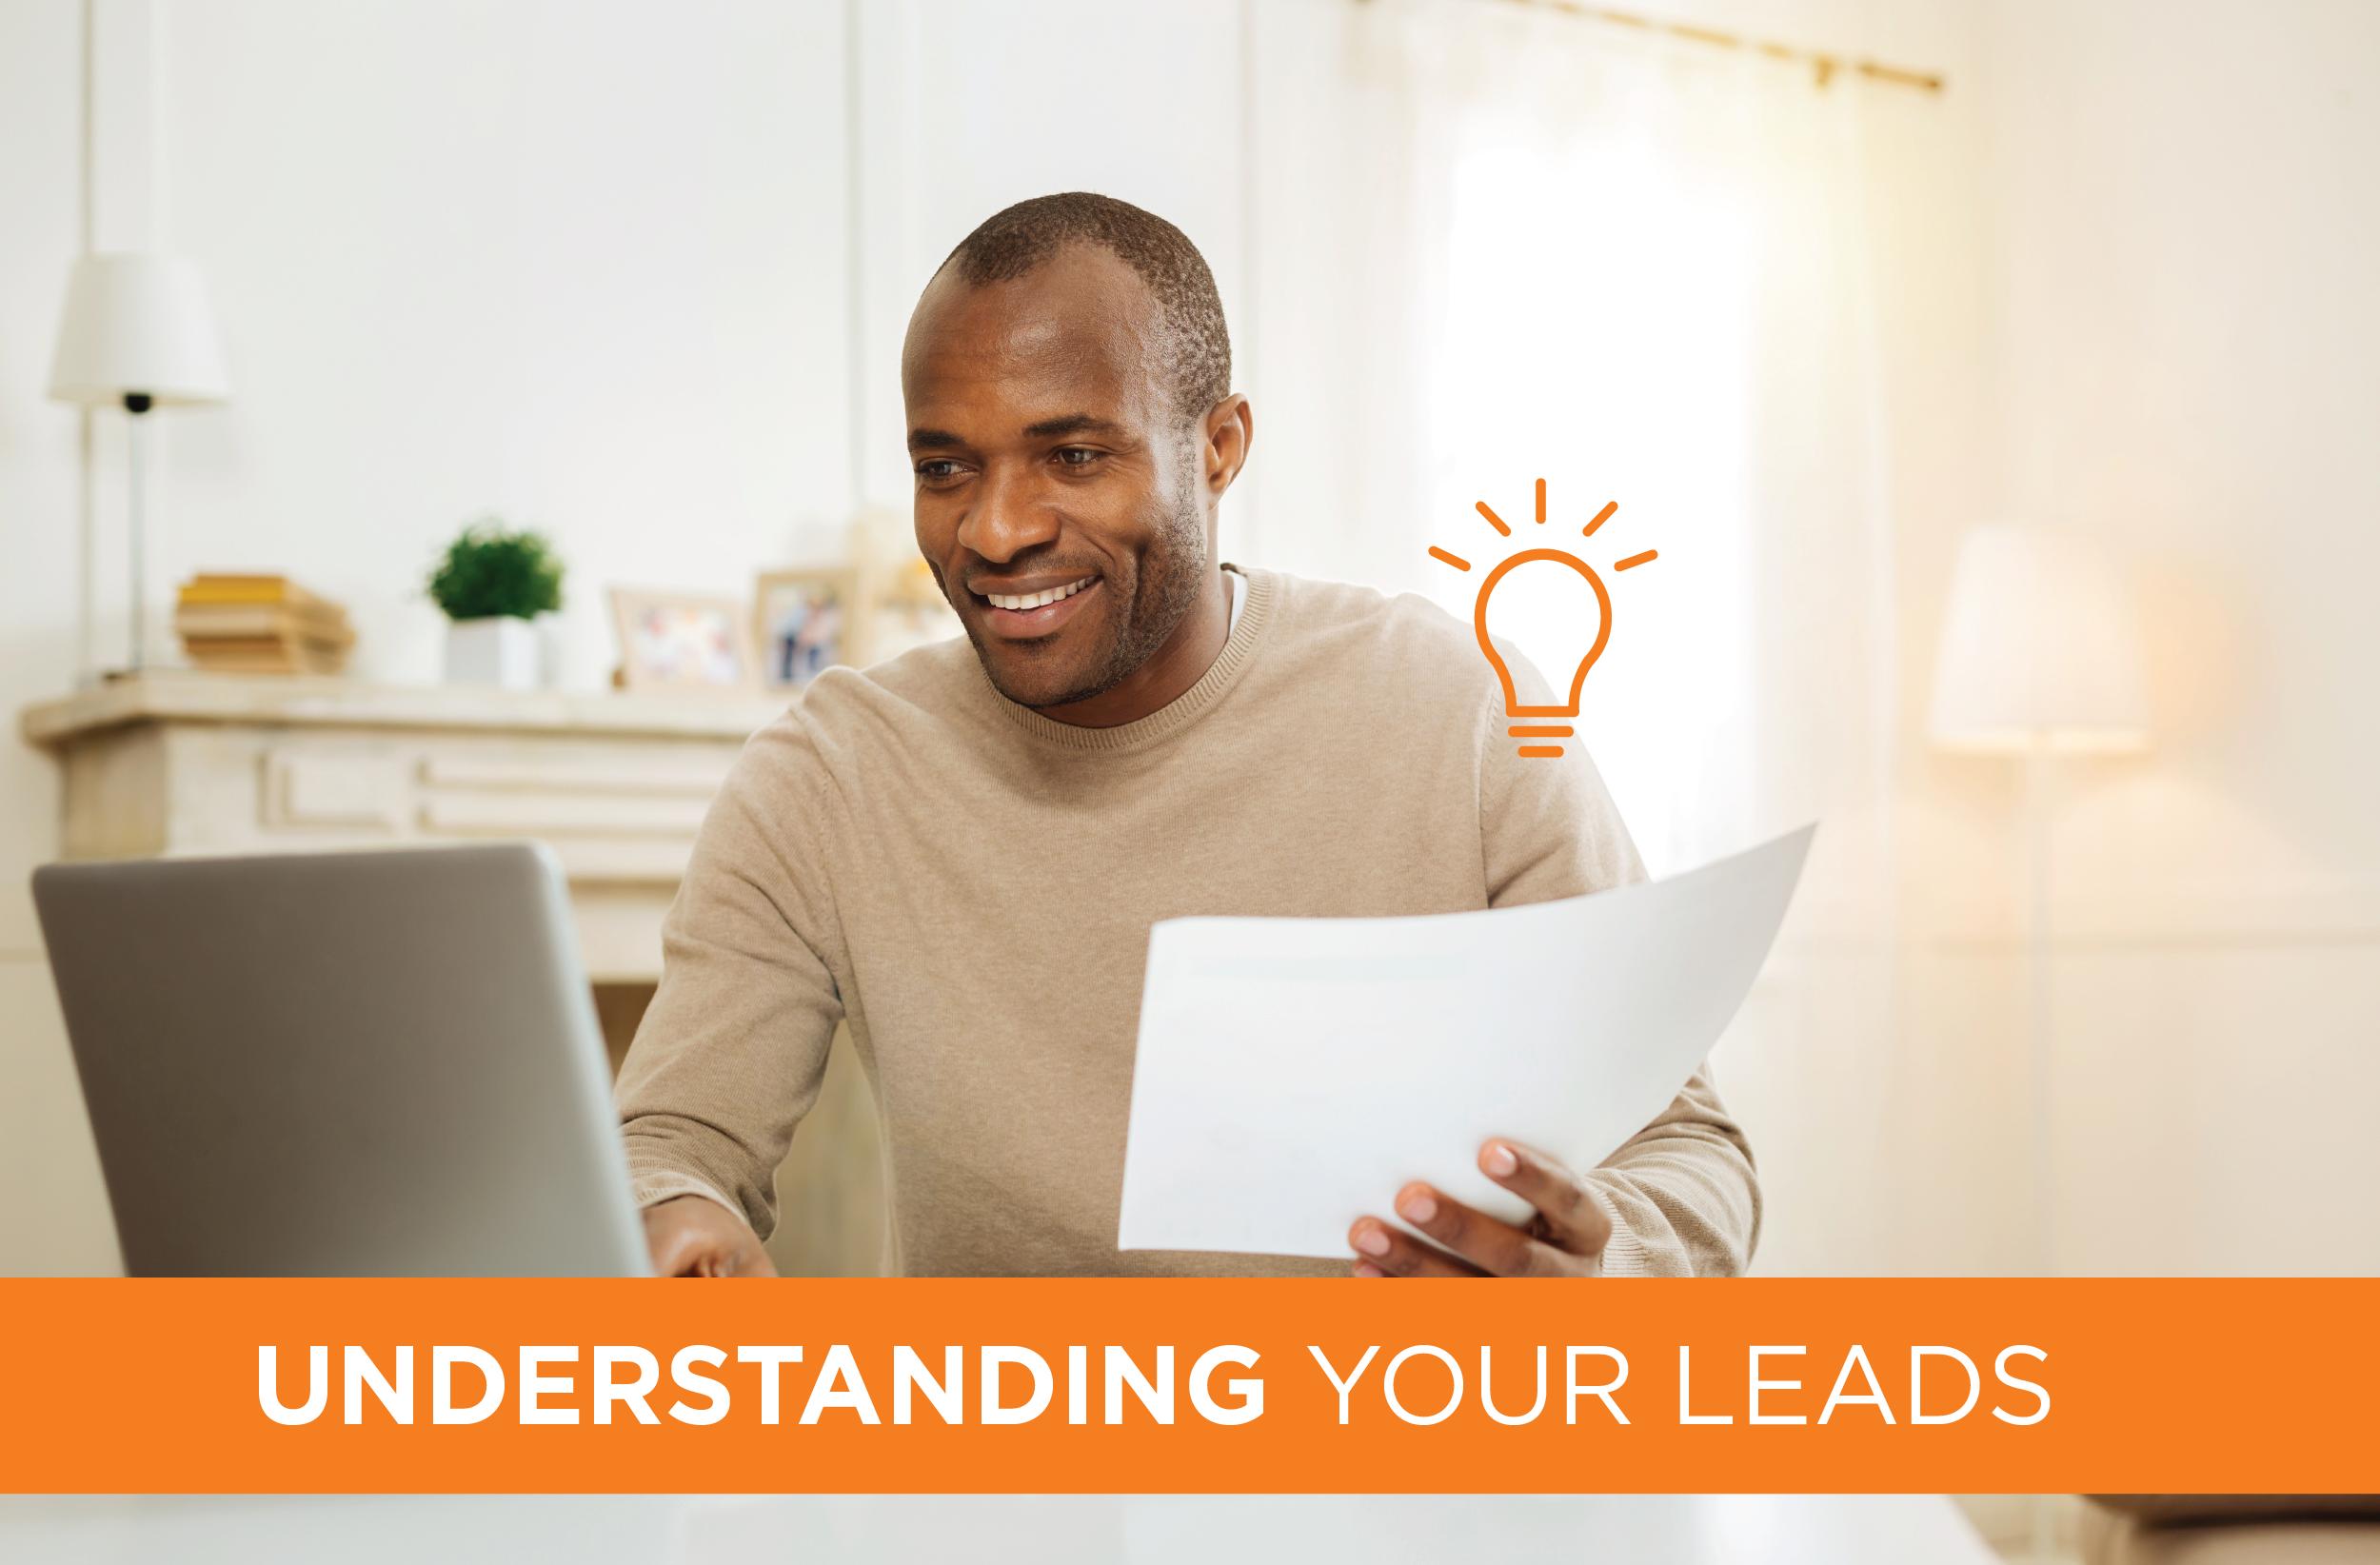 Understanding-Your-Leads-01